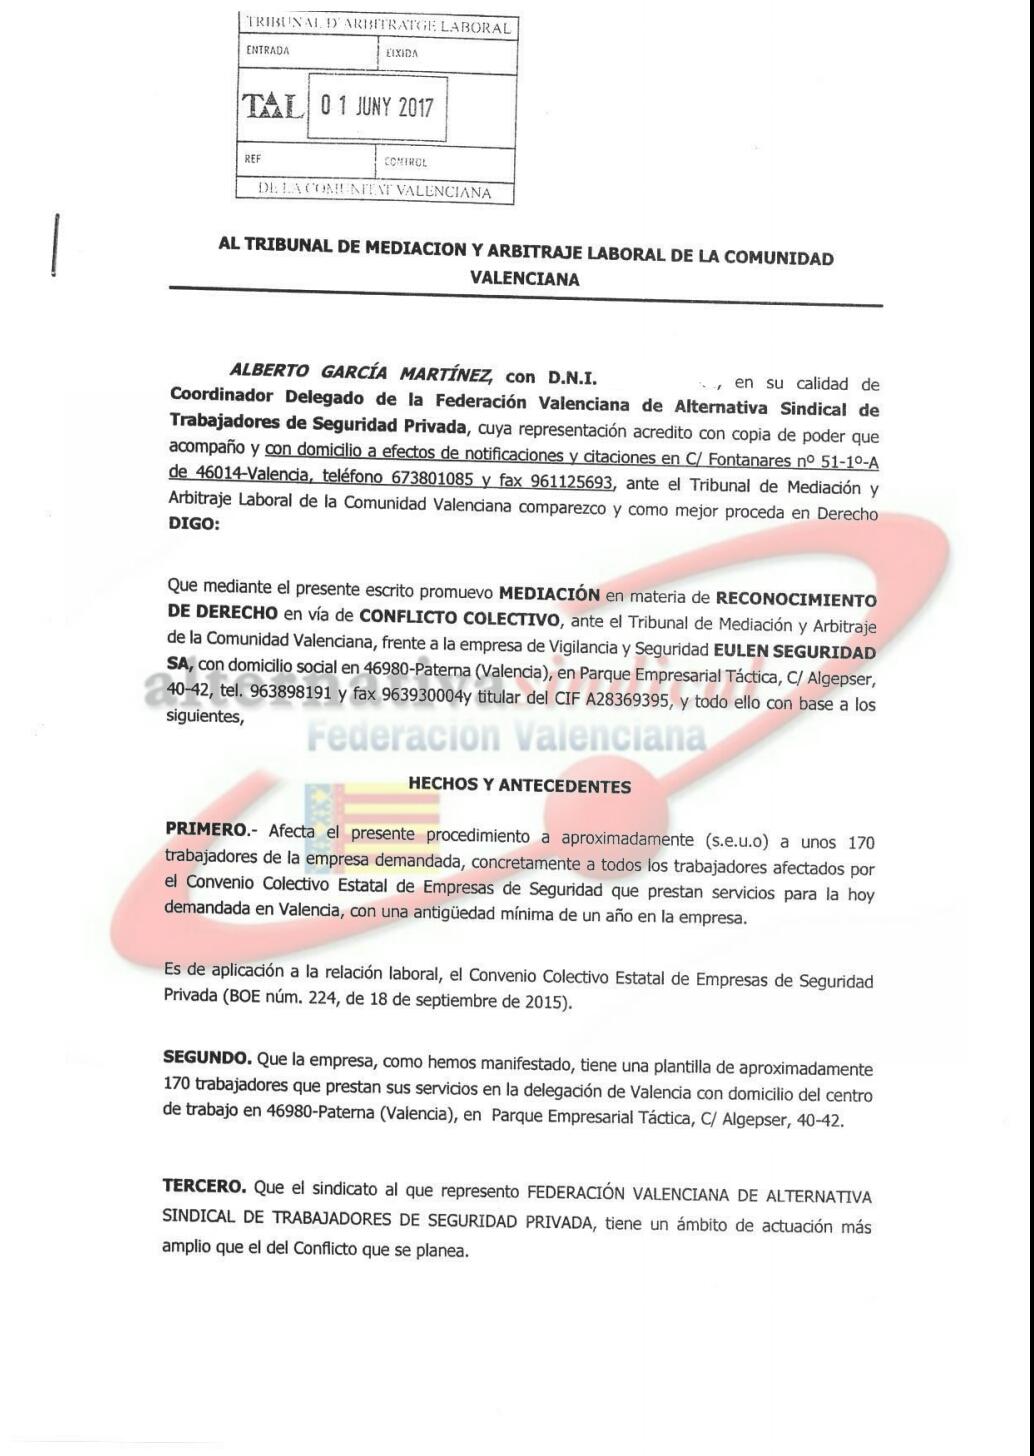 La Federación Valenciana de alternativasindical interpone demandas ...